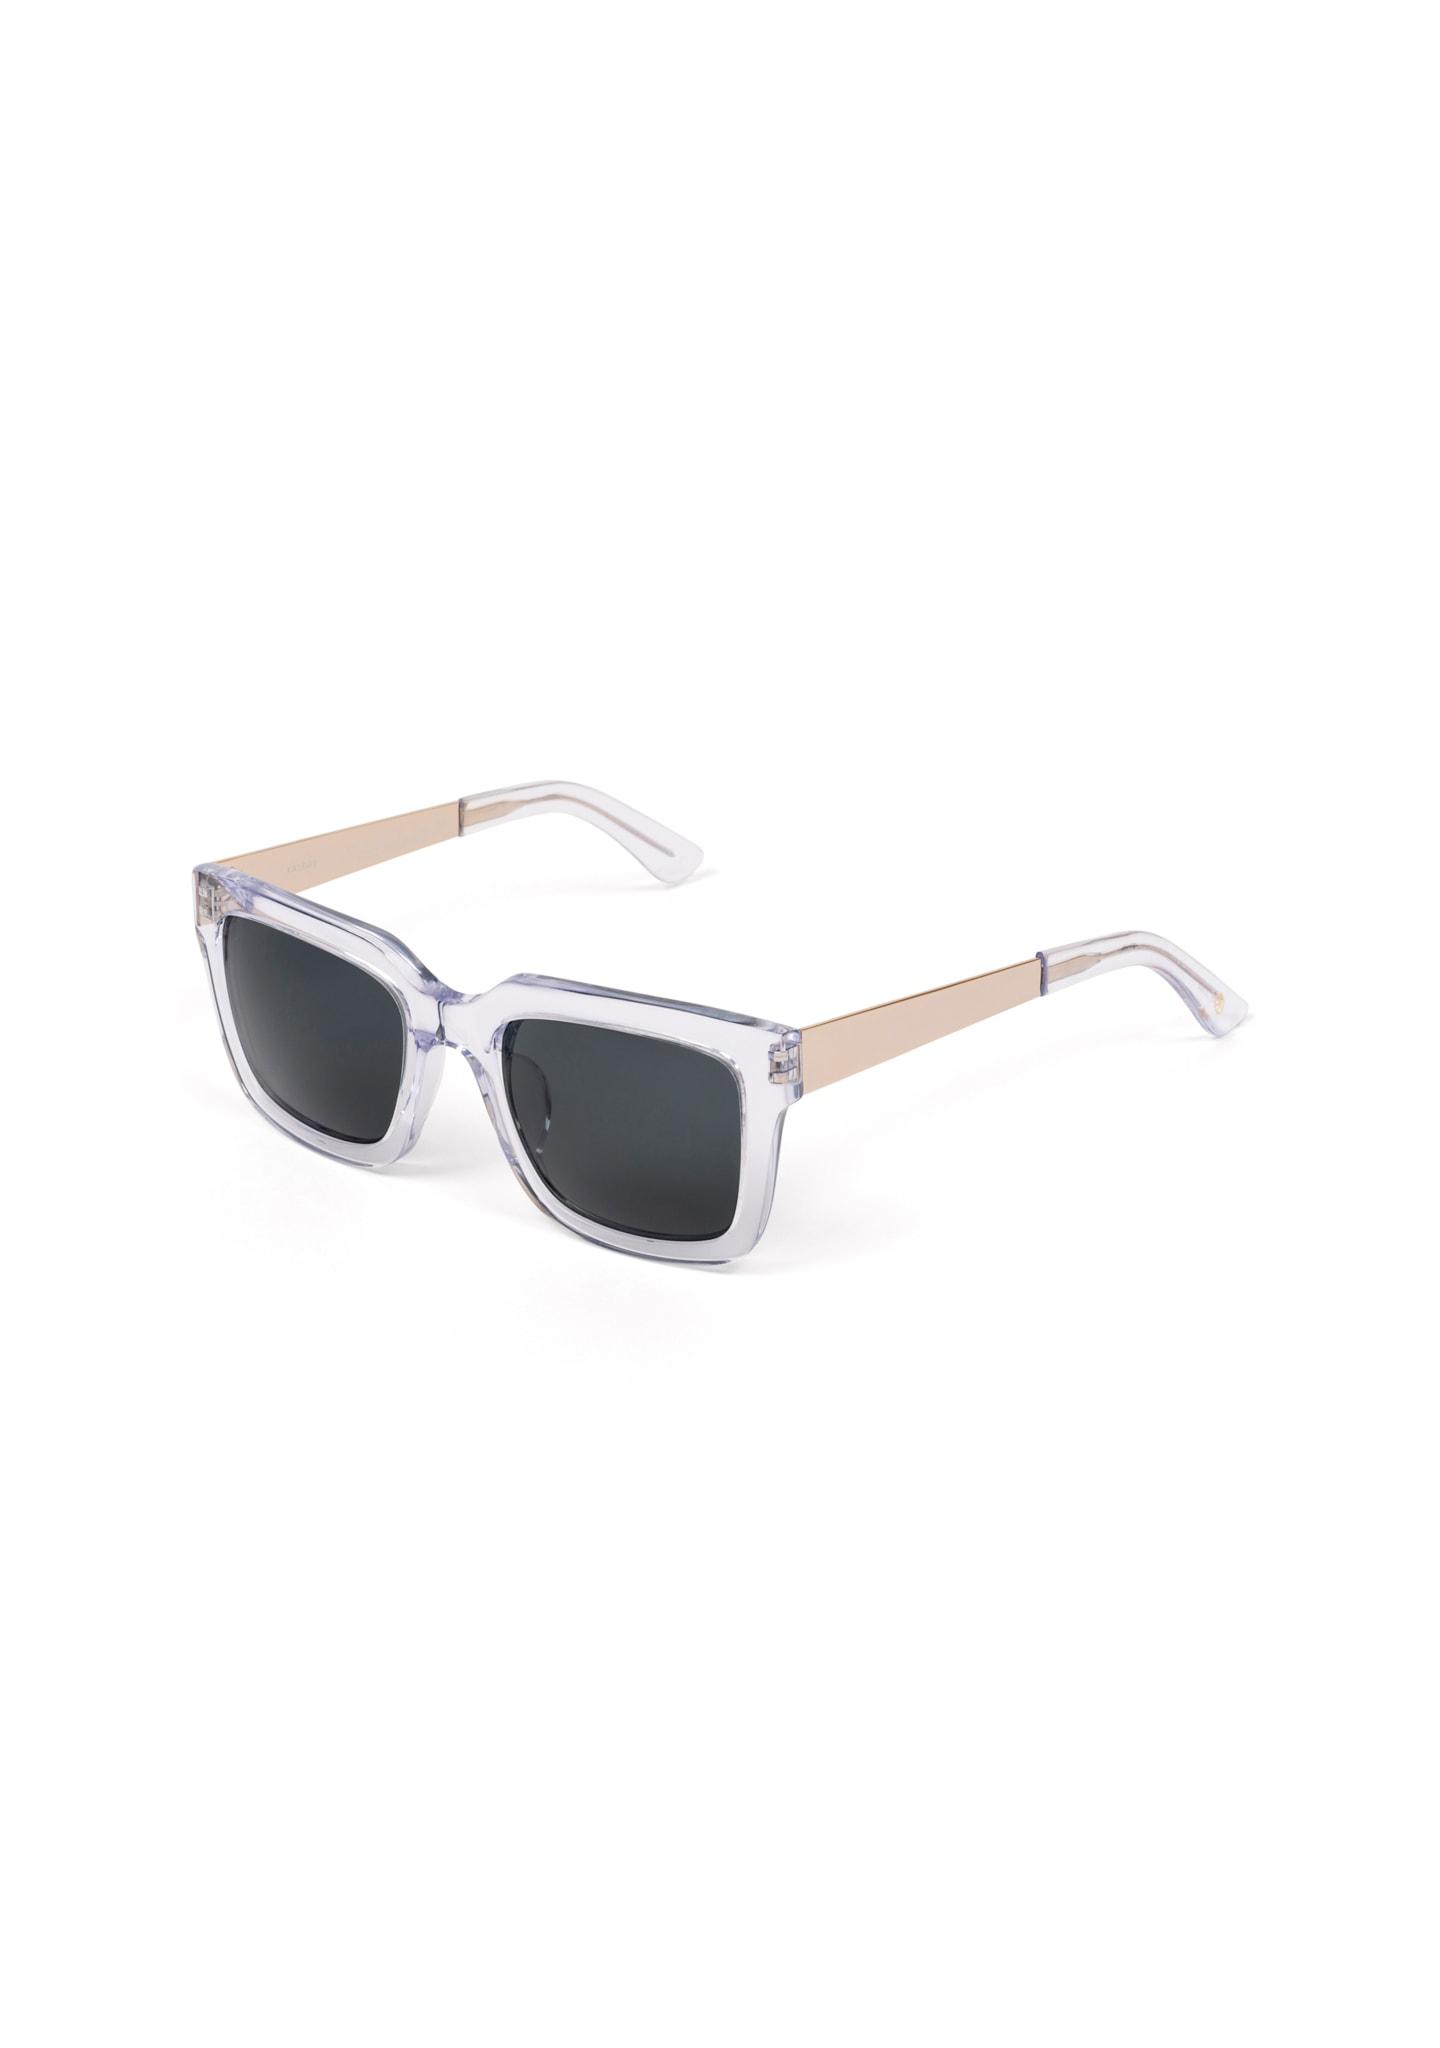 Gafas Zuko Color 4